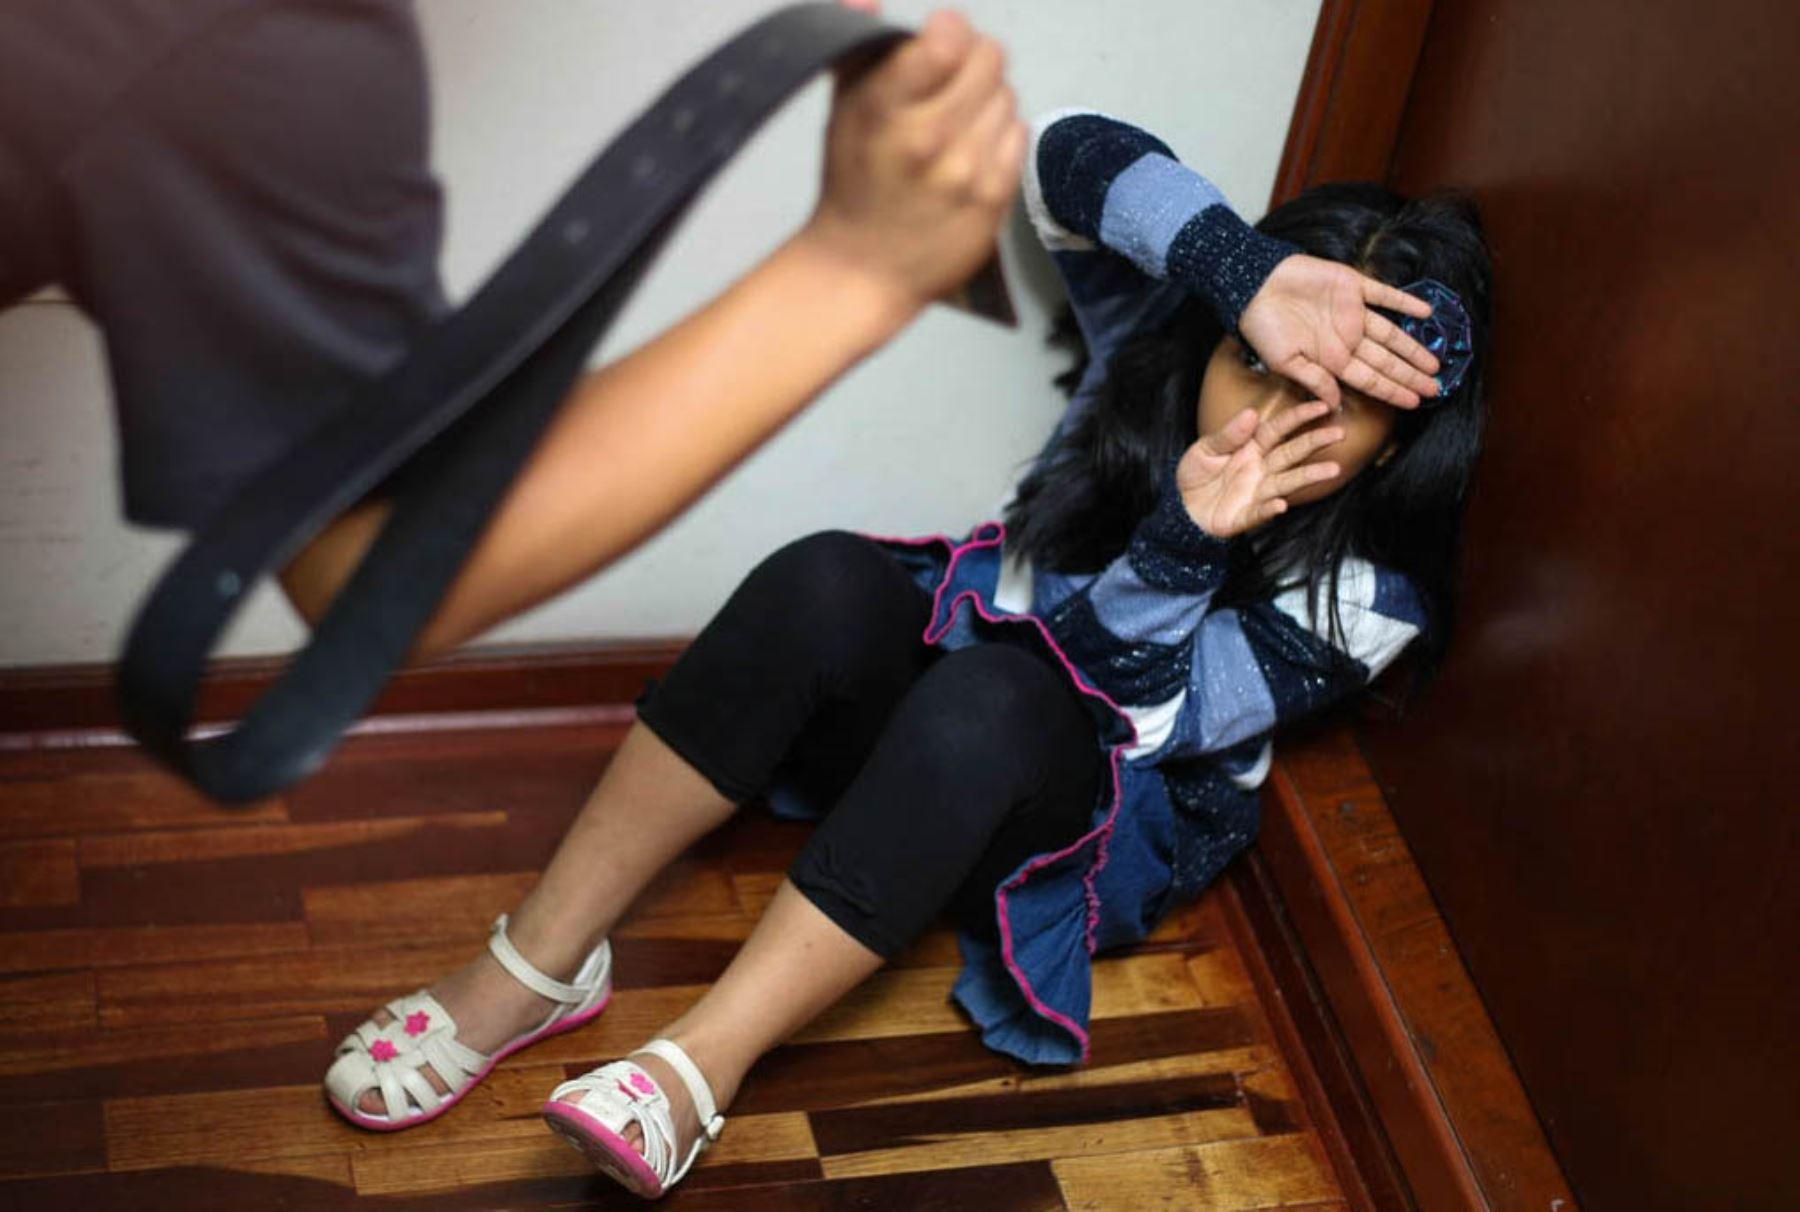 Organizaciones internacionales piden prohibir castigos corporales a menores en México